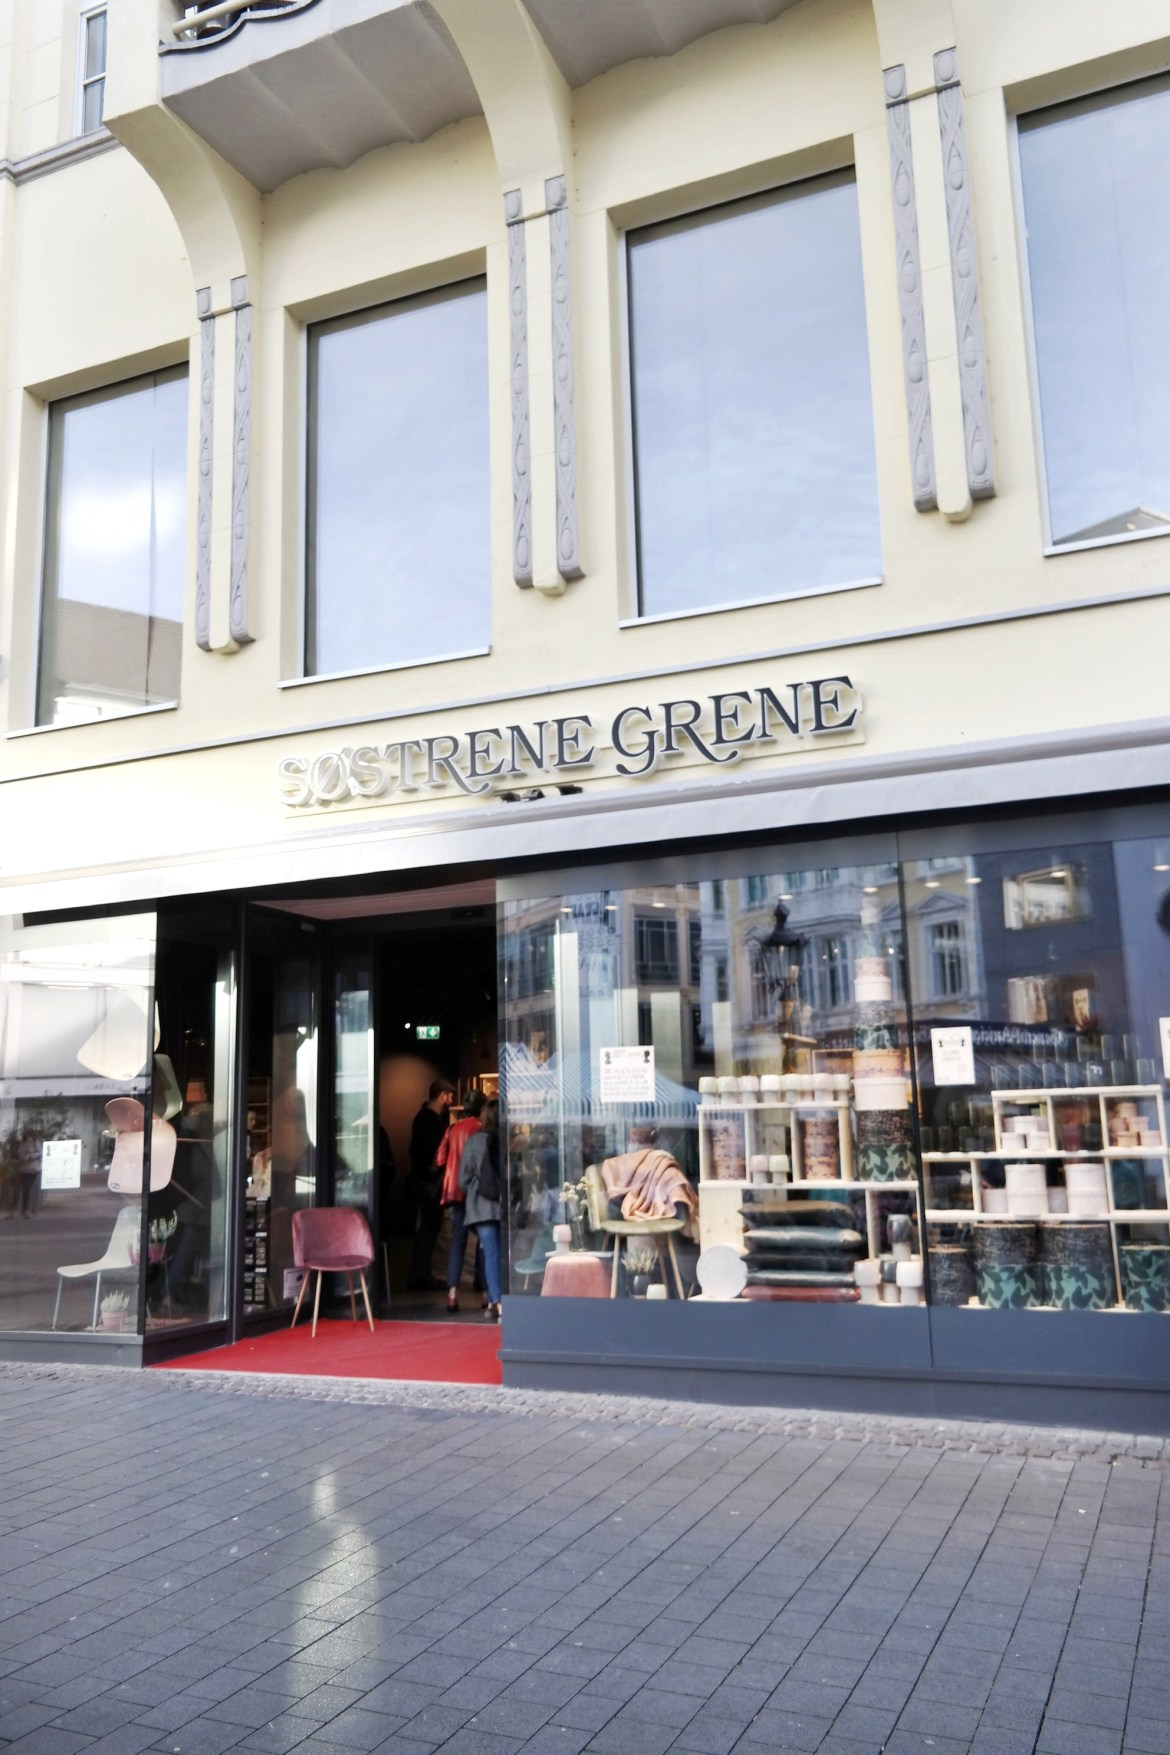 Bonn Sostrene Grene Bonn Ein Toller Shop Für Interieur Und